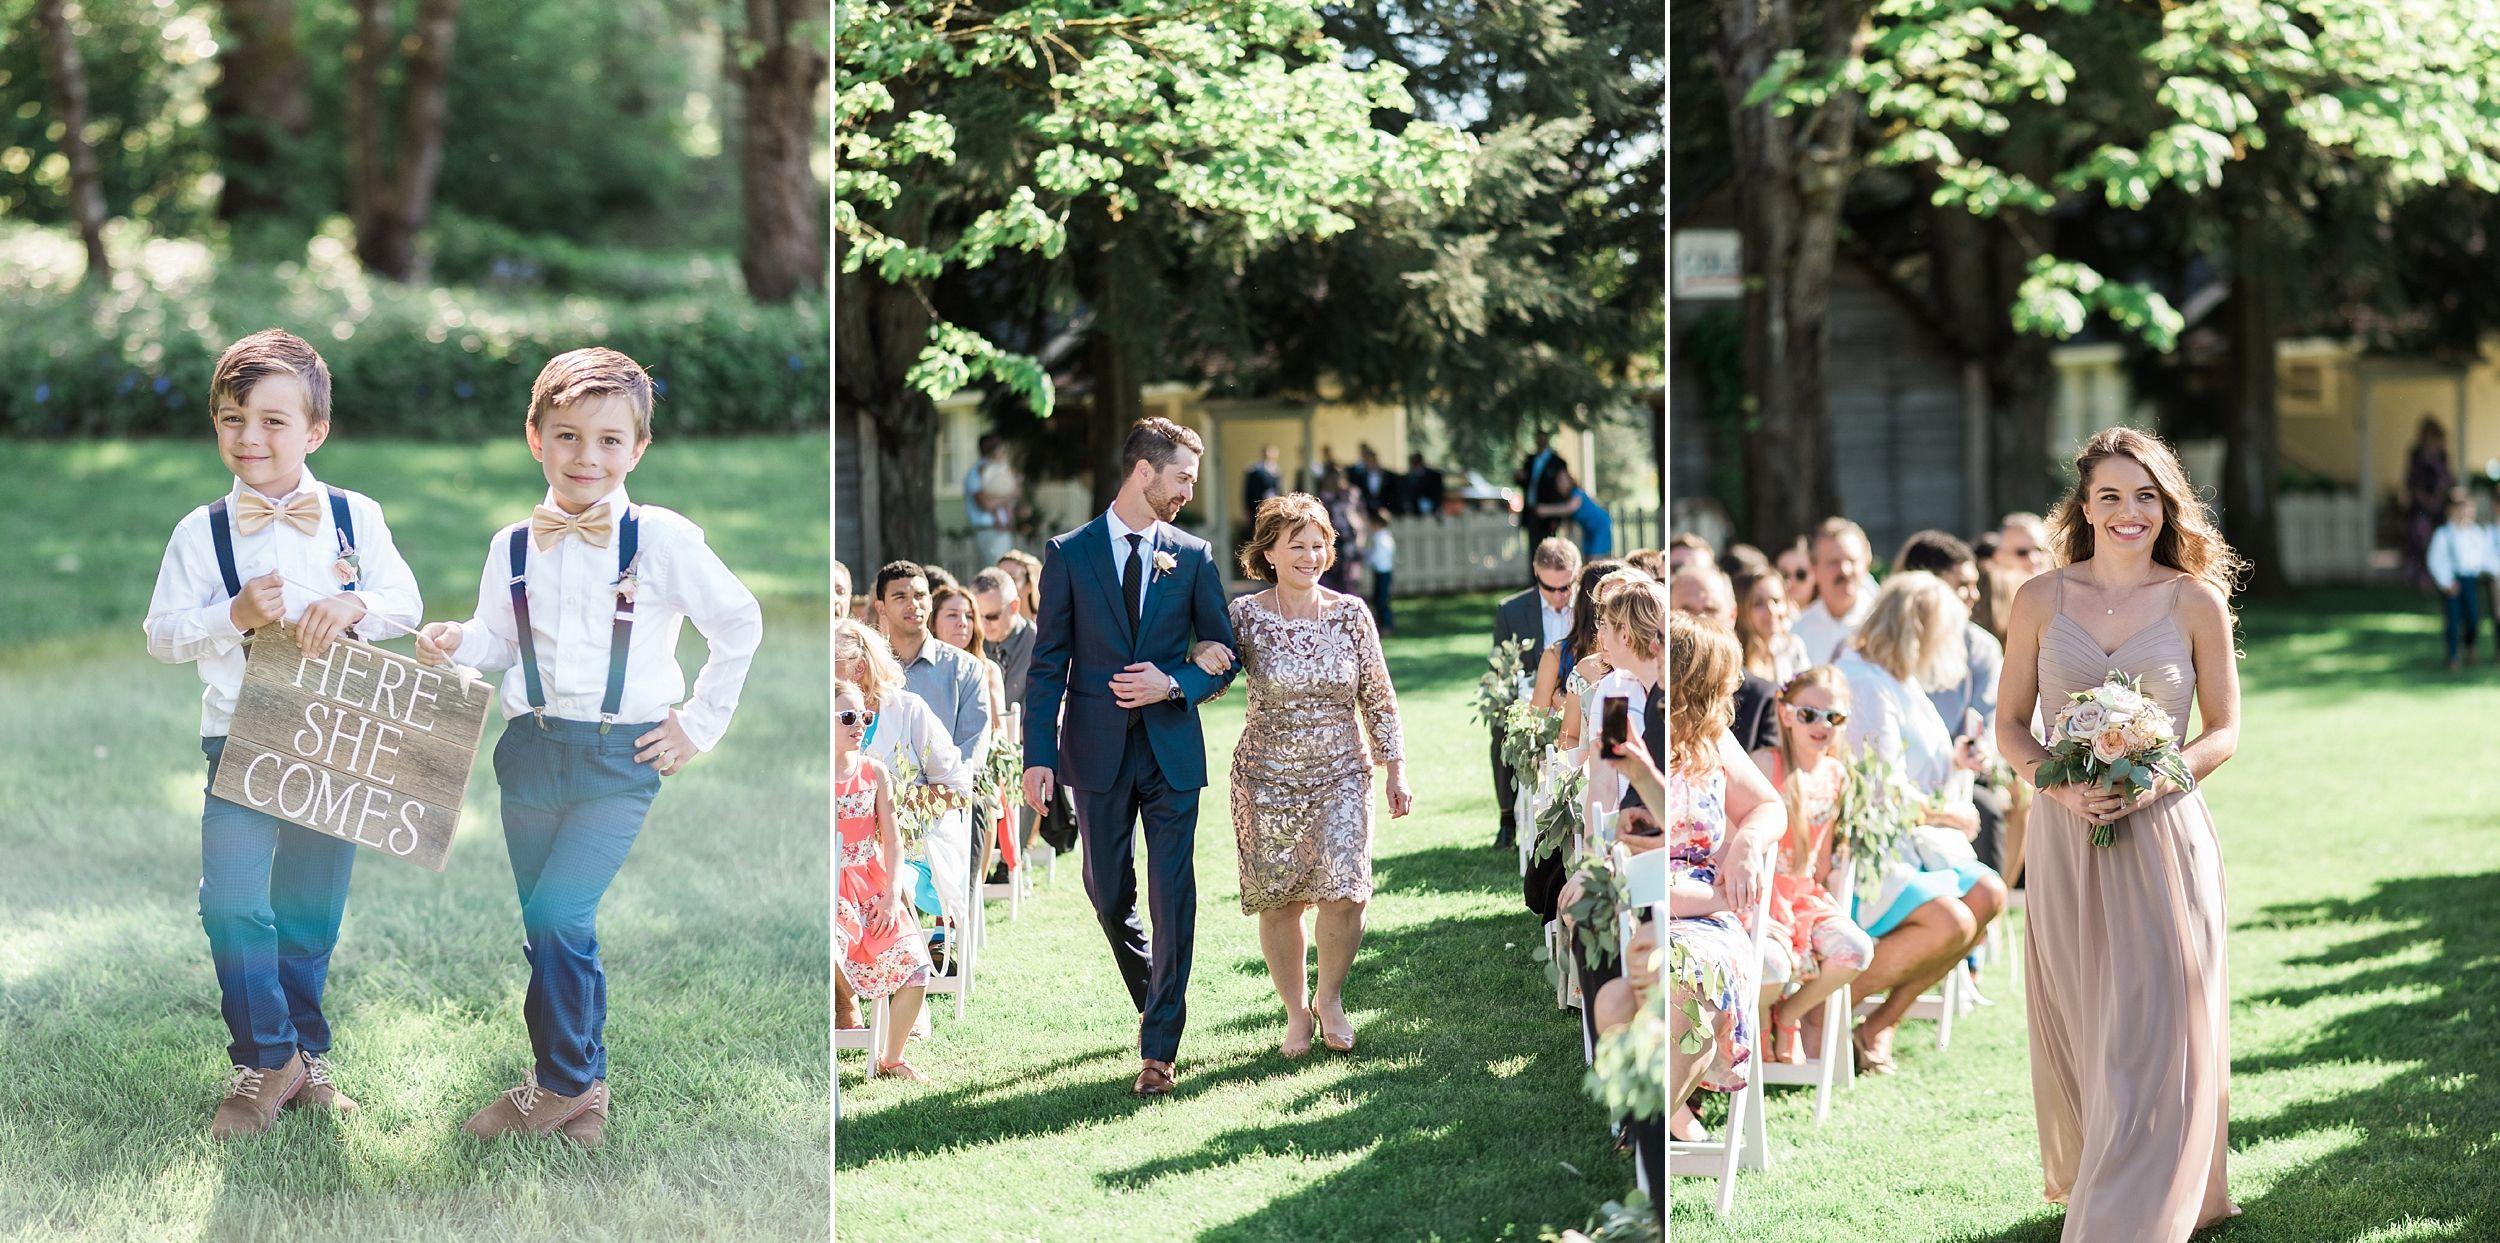 Kelley Farm Rustic Chic, Seattle Wedding Photography ...